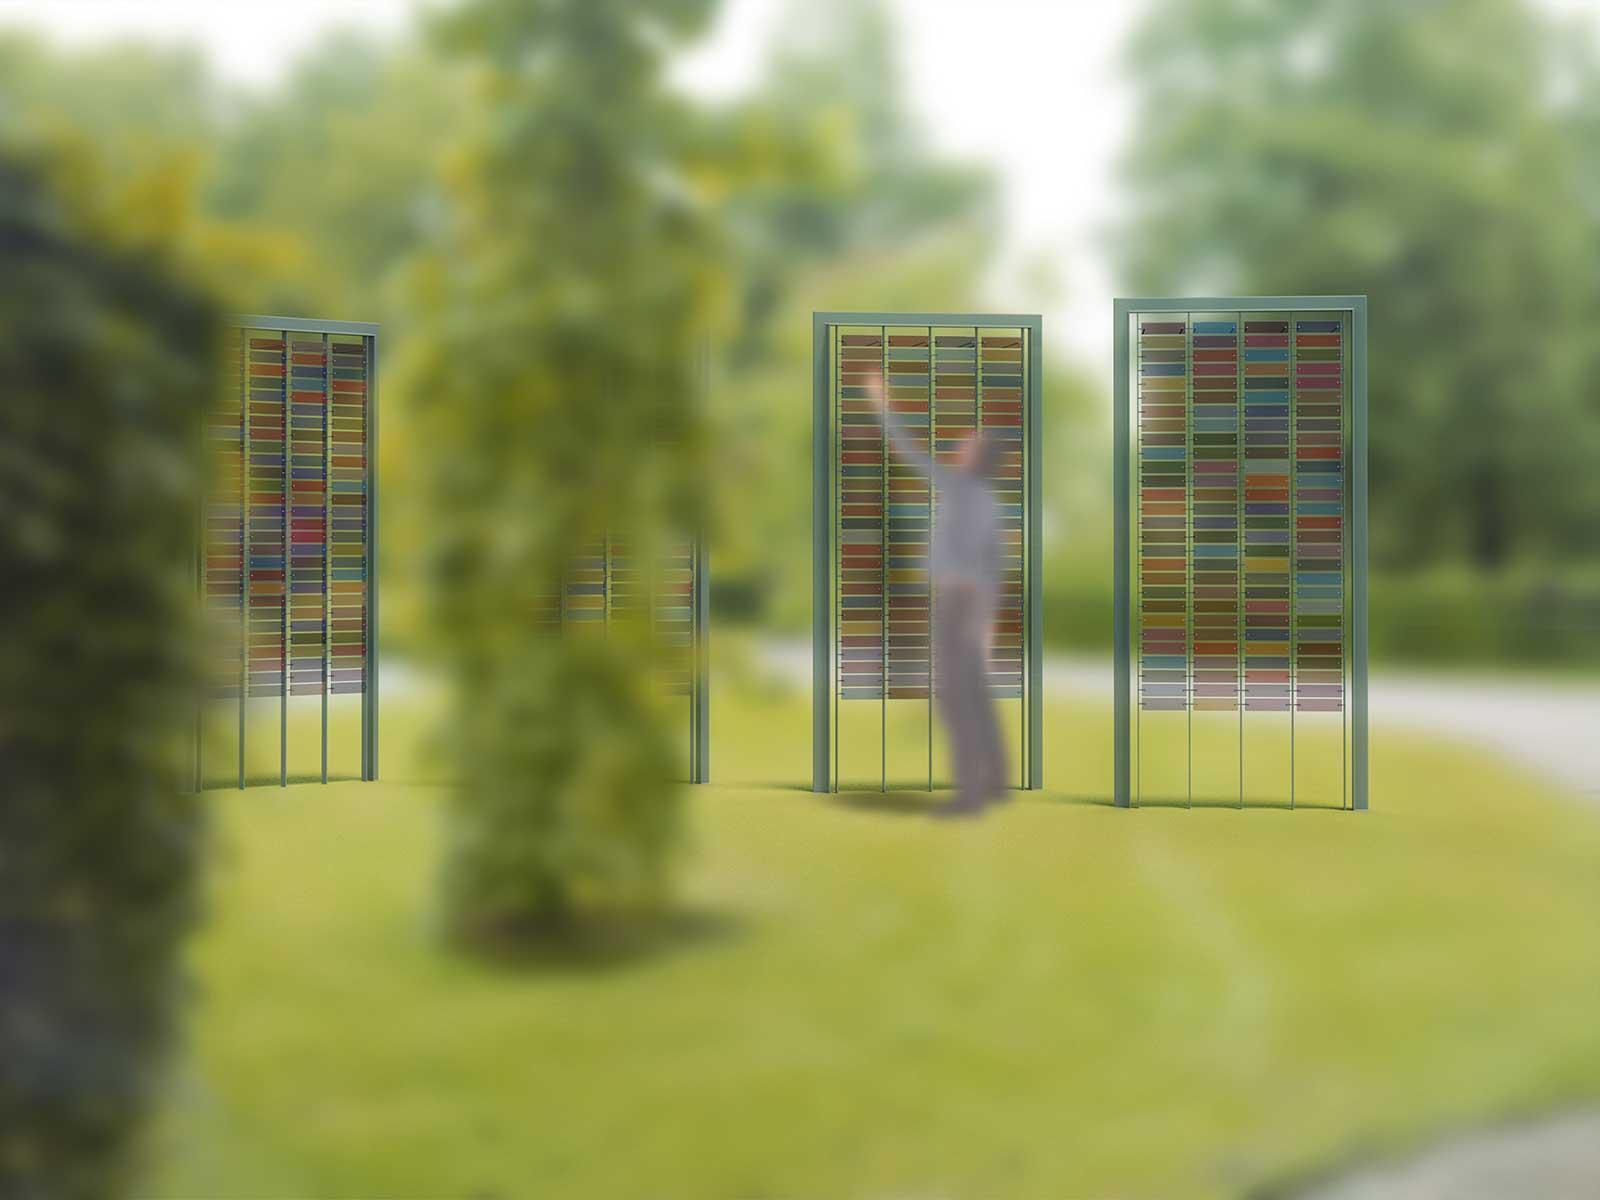 Denkend Aan - Paneelmonument voor begraafplaatsen, ontworpen door Dirry de Bruin, met glaspaneeltjes in veertien verschillende kleuren